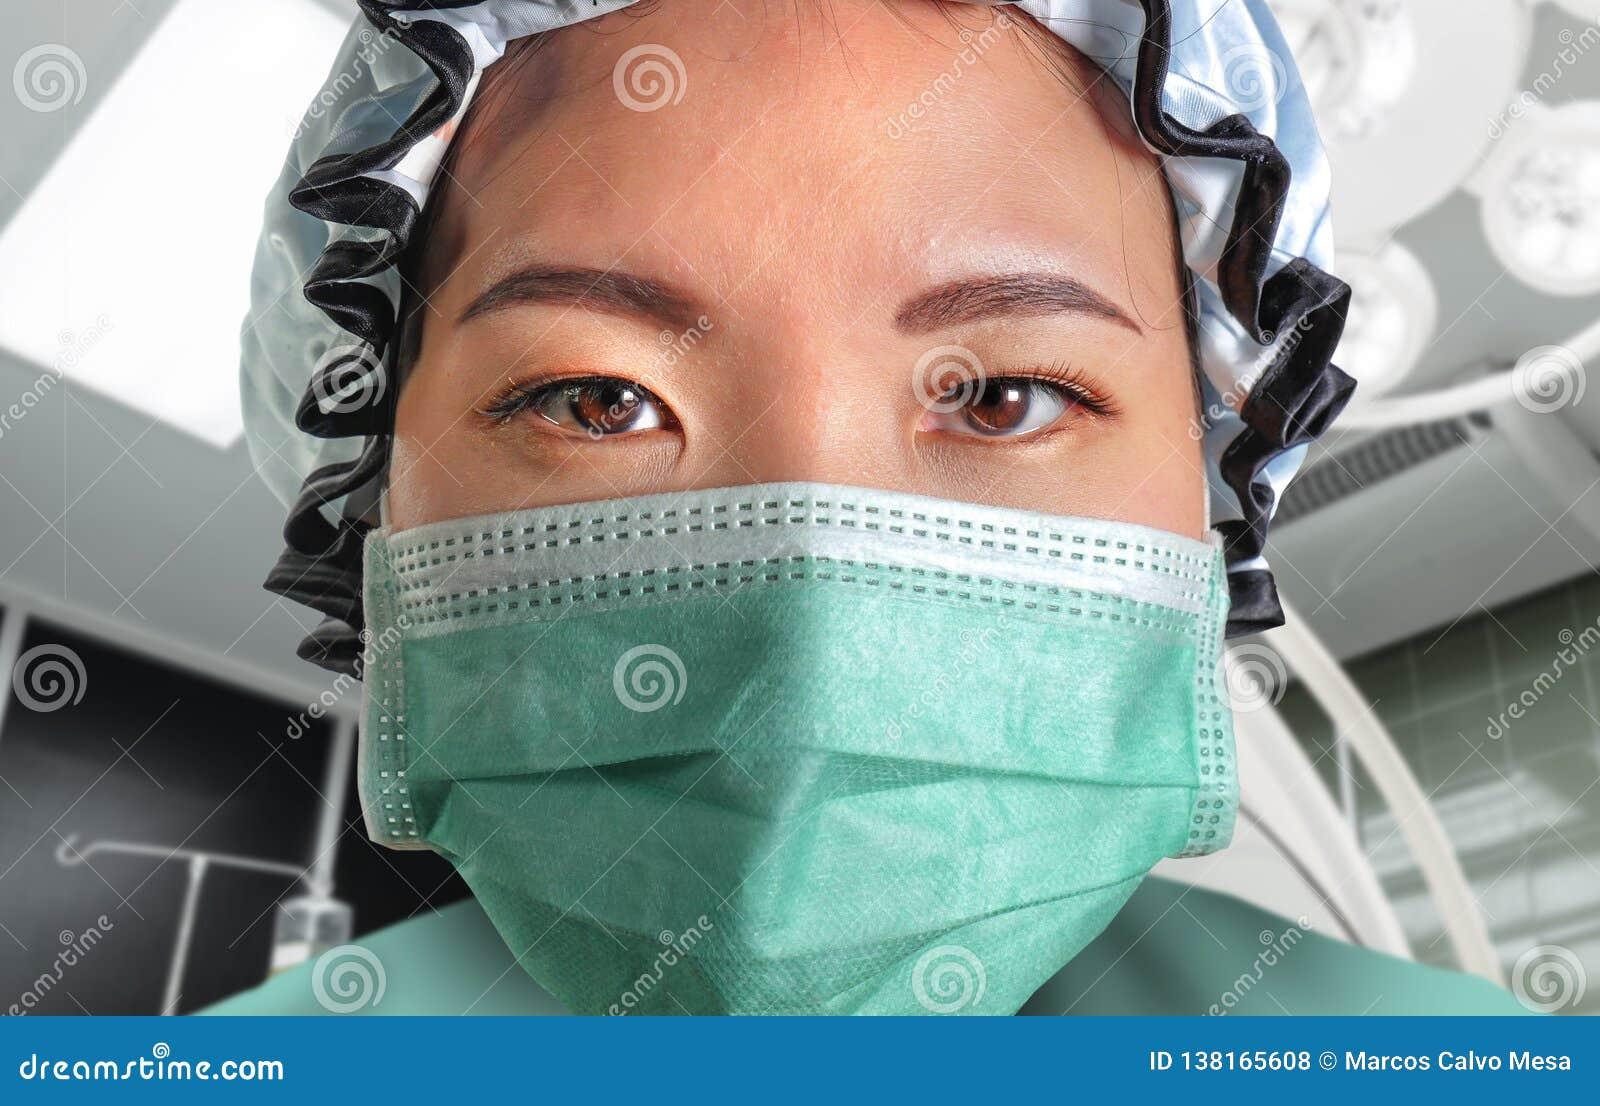 Близкий поднимающий вверх портрет молодой привлекательной и уверенной азиатской корейской женщины доктора медицины в защитном лиц